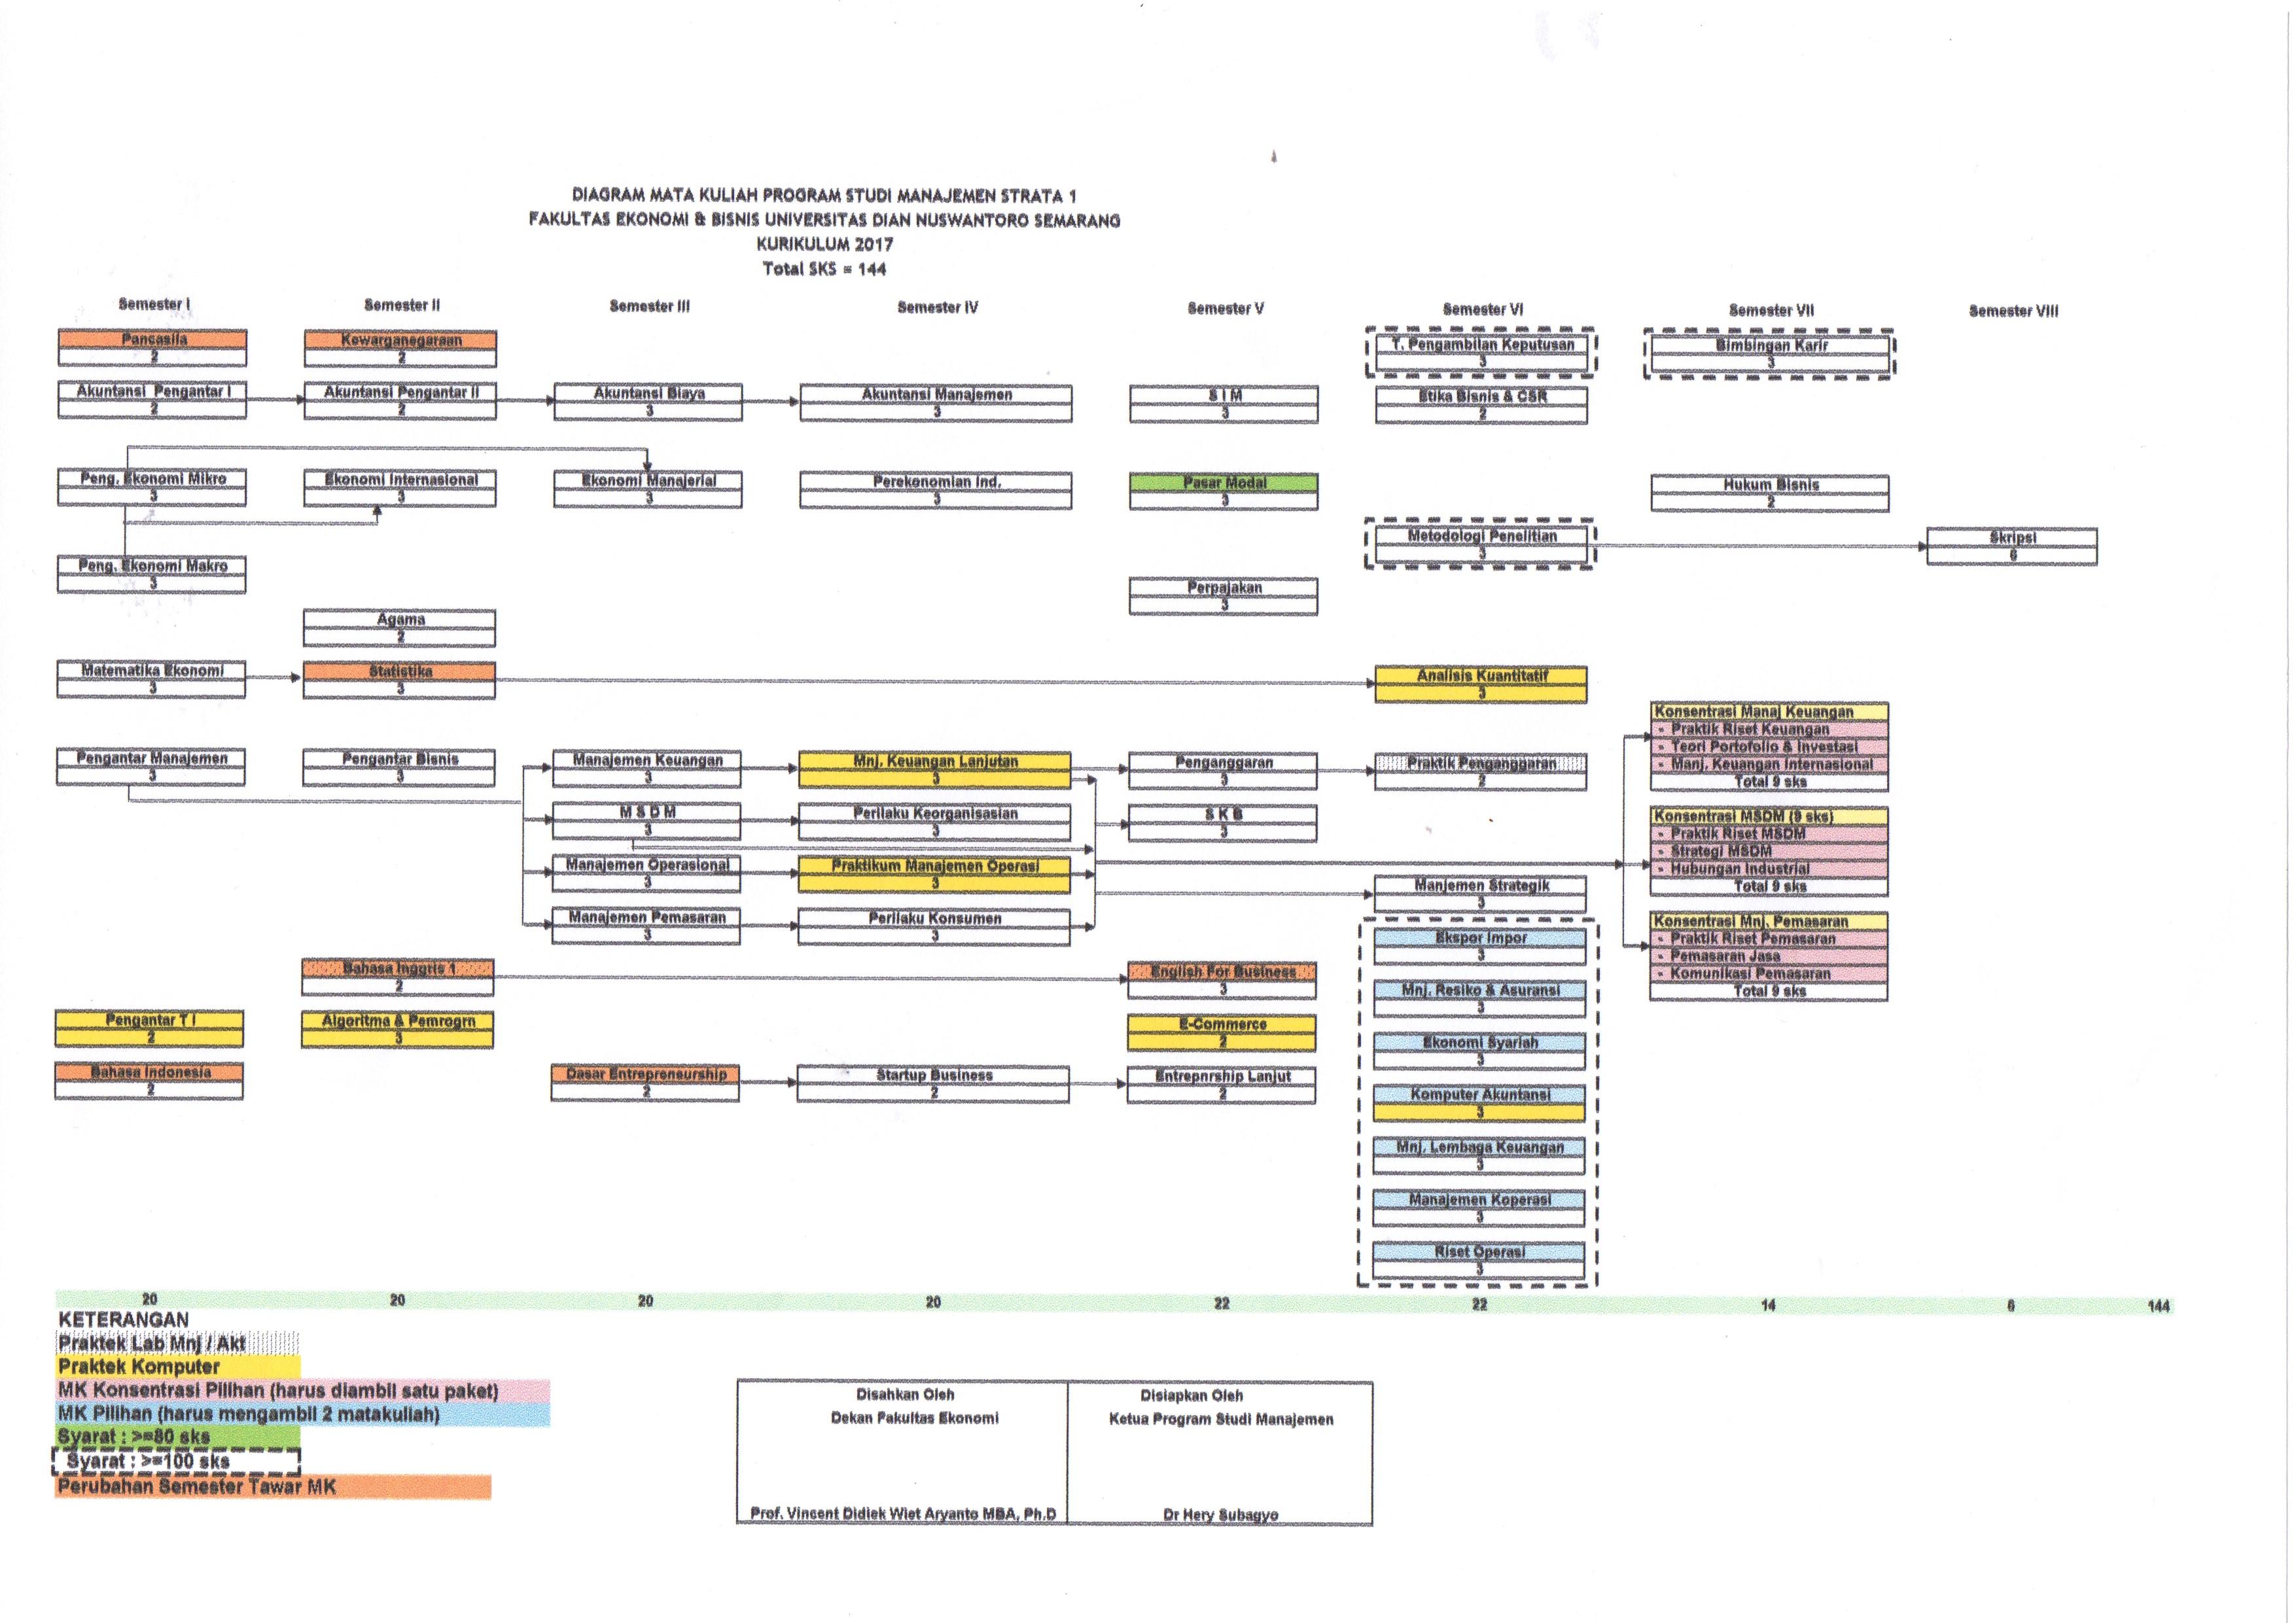 Tulang ikan fakultas ekonomi dan bisnis dinus inside manajemen ccuart Choice Image